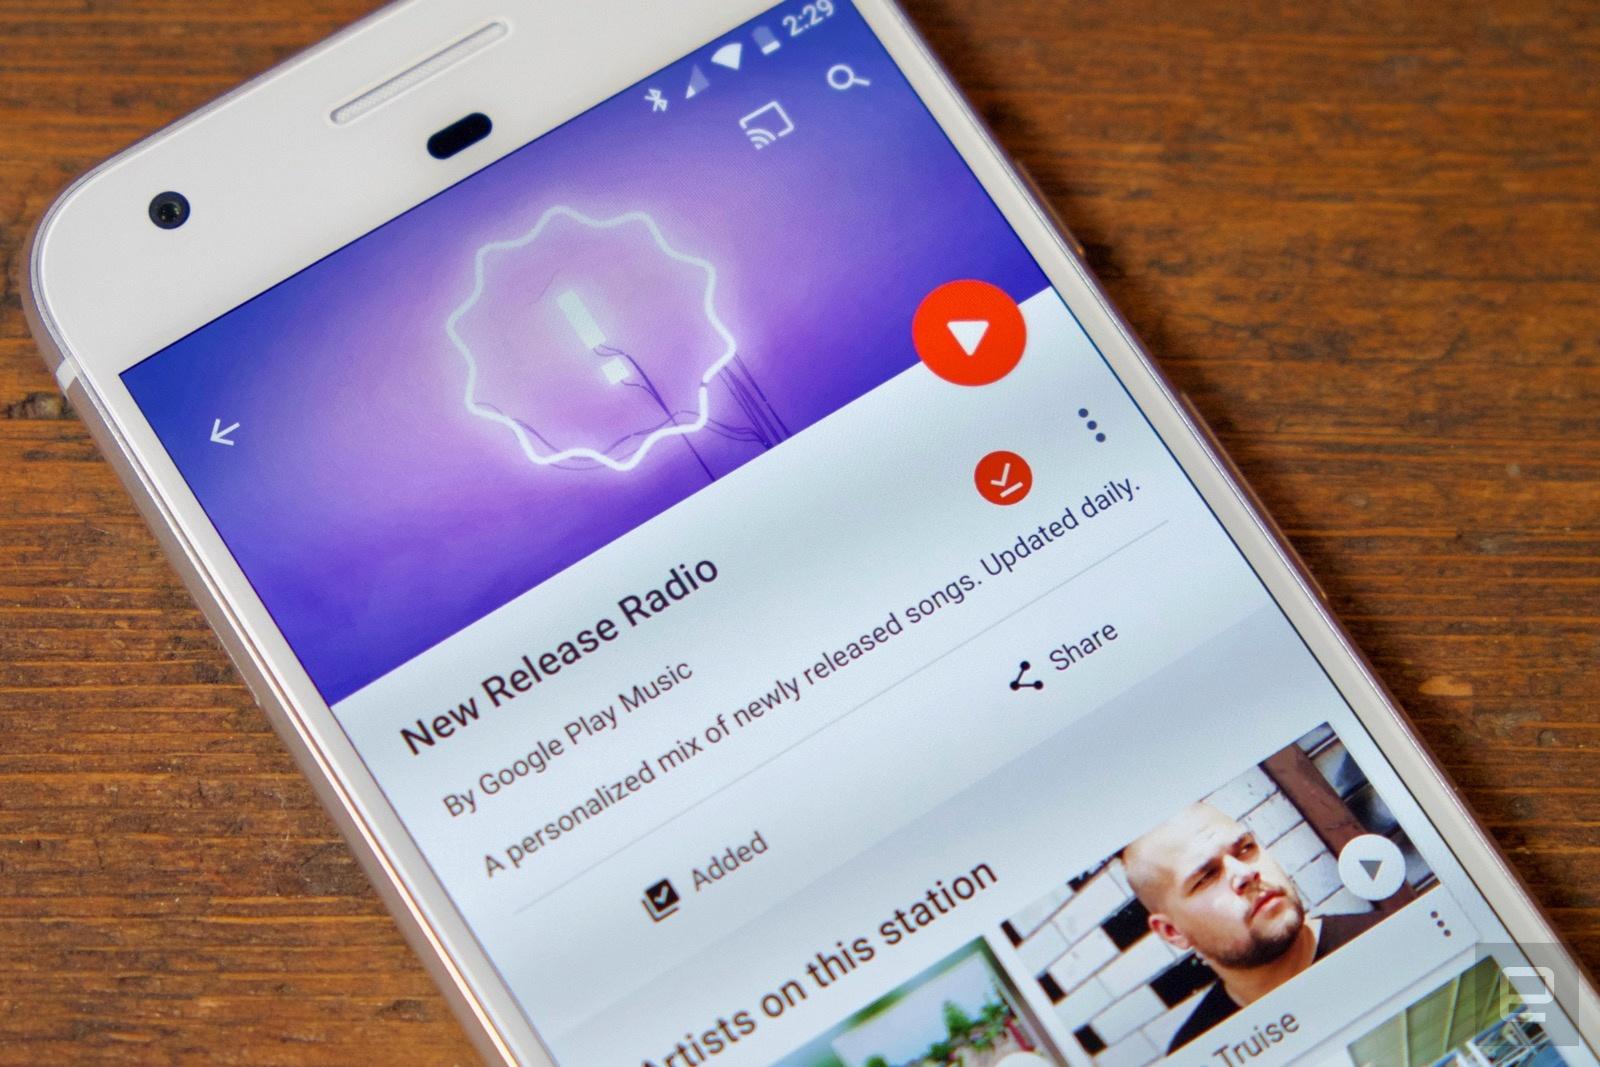 جوجل توقف تطبيق ميوزك بلاي نهائياً في أكتوبر المقبل